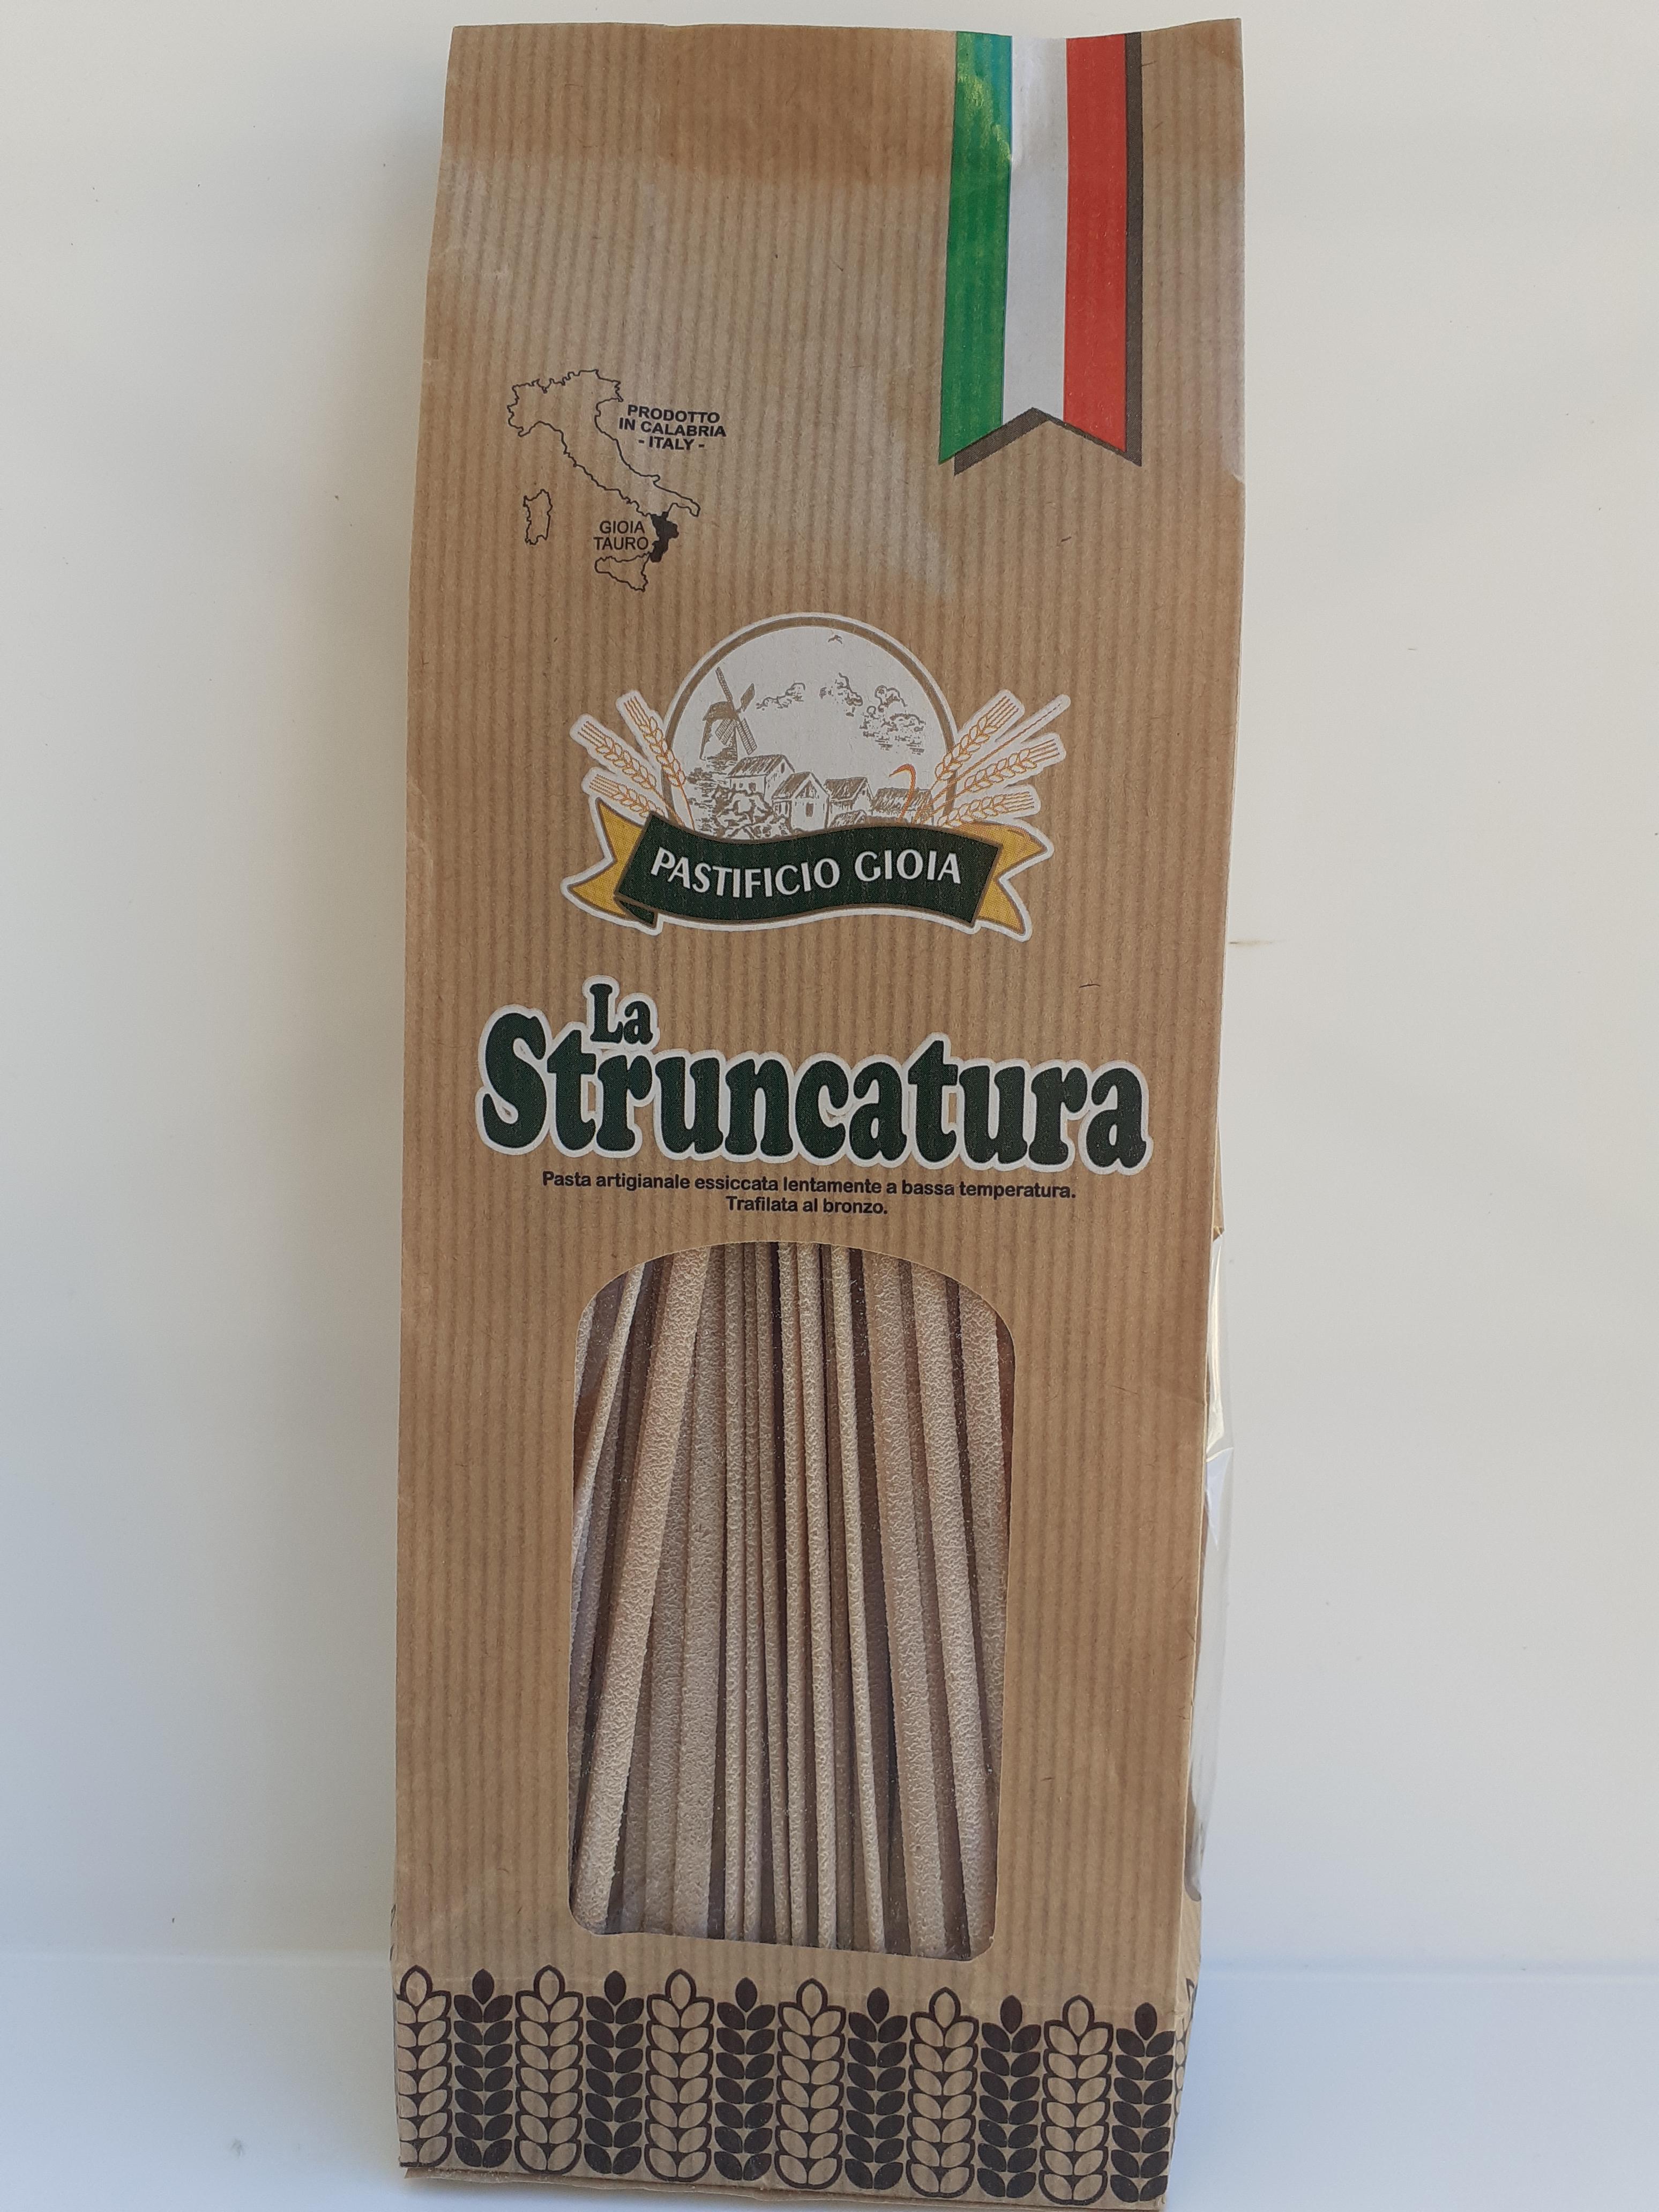 La Struncatura 500g. Pasta Artigianale essiccata lentamente a bassa temperatura Trafilata al bronzo del Pastificio Gioia Gioia Tauro (RC)